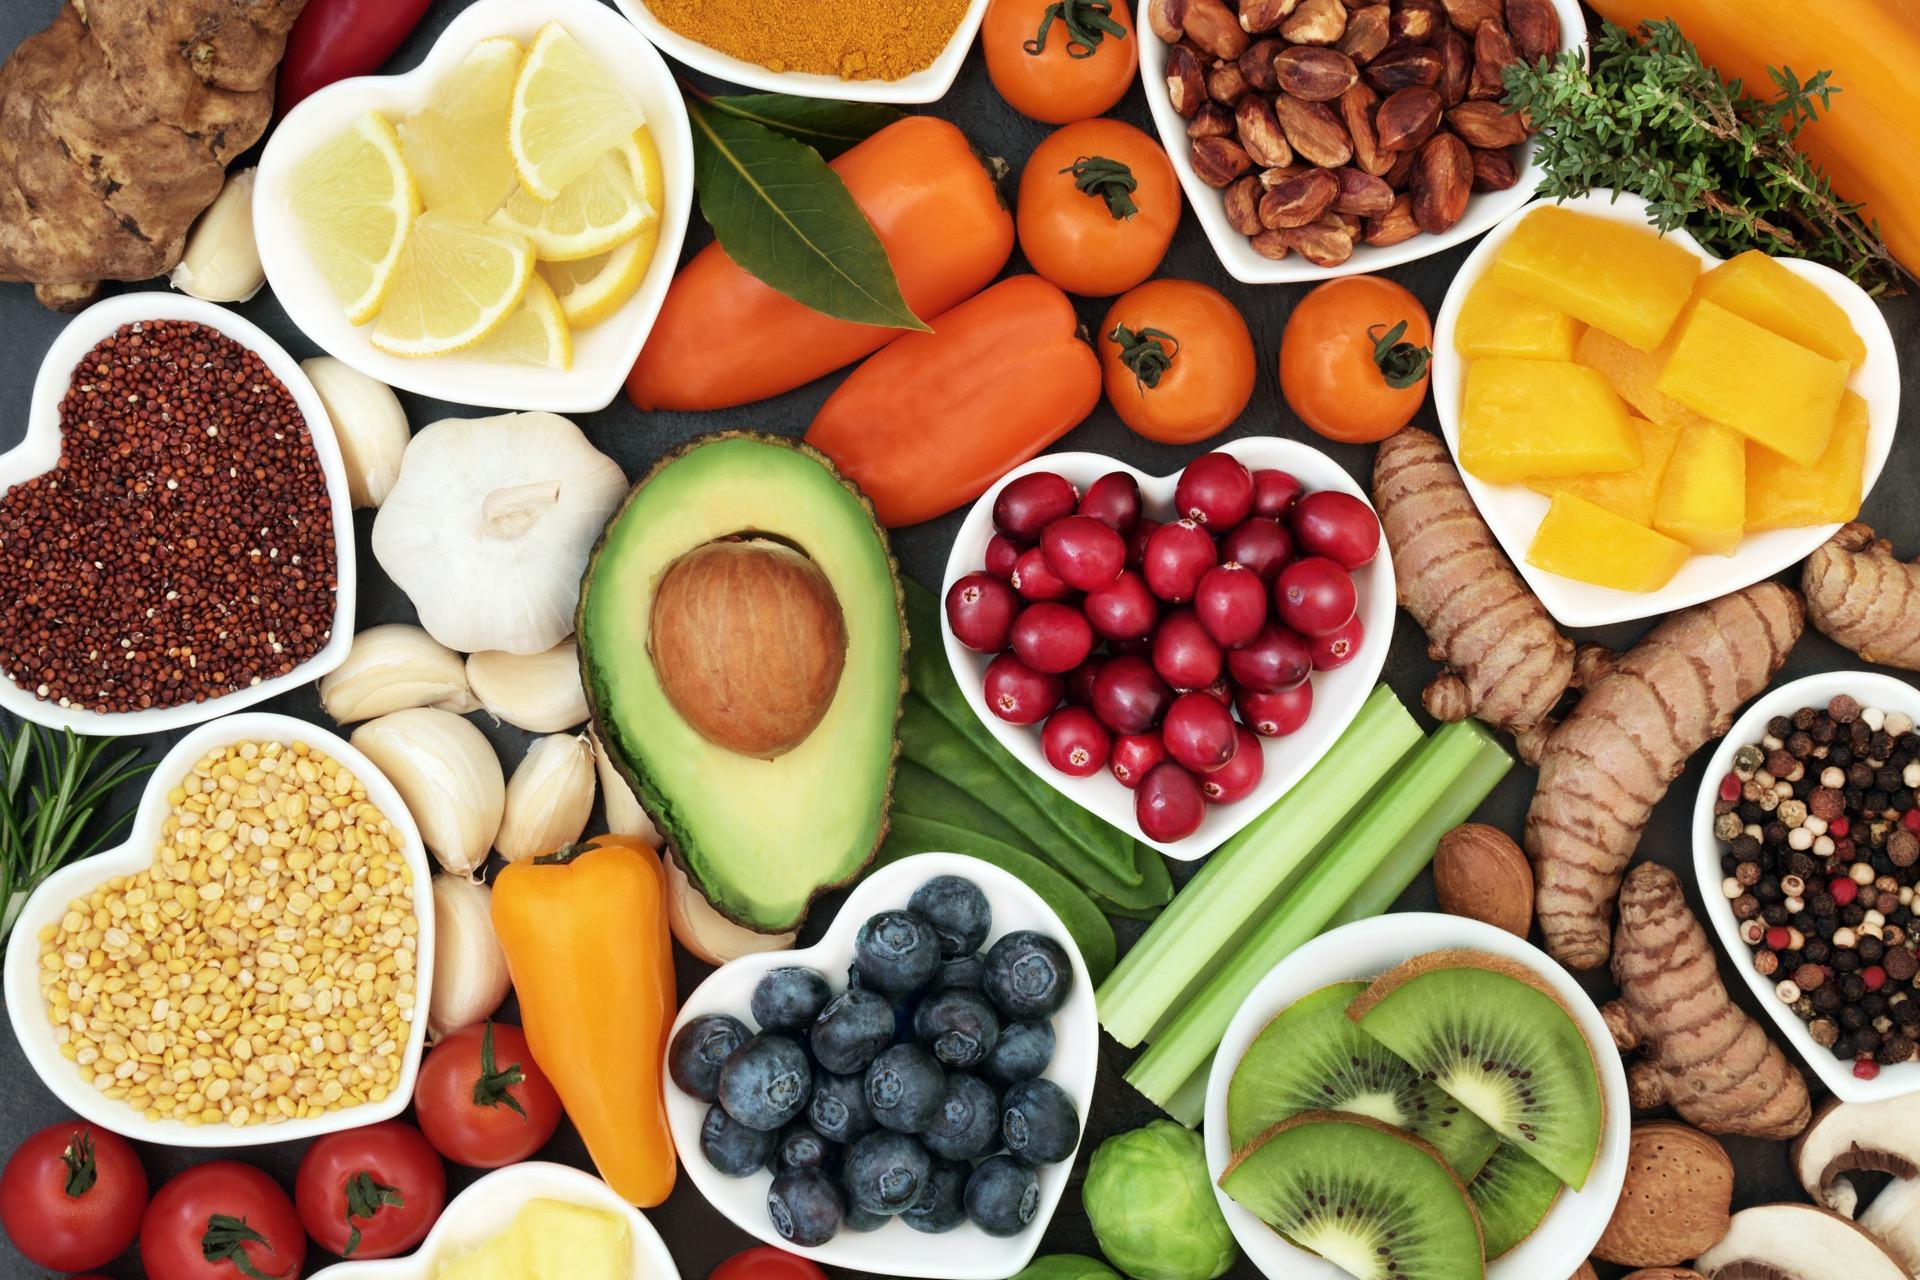 """3.Spis fler av kaloriene tidlig på dag Har du hørt frasen """"spis frokost som en konge, lunsj som en prins, og middag som en fattig""""? Selv om dette ikke skal tolkes helt bokstavelig, så er det en mening i det. Forskning viser at jo flere kalorier av det totale kaloriinntaket du inntar tidlig på dagen, desto større sannsynlighet er det for å gå ned i vekt. En studie fra 2017 konkluderte med at personer som inntok flere kalorier under frokost og lunsj, hadde en lavere BMI enn de som inntok de største måltidet rundt middagstider eller senere. Hva dette skyldes? Når du inntar flere kalorier tidlig på dagen, bidrar du automatisk til å gi kroppen mer energi som øker sannsynligheten for et høyere aktivitetsnivå videre ut over dagen. Risikoen for å få abstinenser etter søtsaker eller junkfood reduseres, og insulinsensiviteten forbedres. Mye tyder altså på at forbrenningen er høyere tidlig på dagen."""